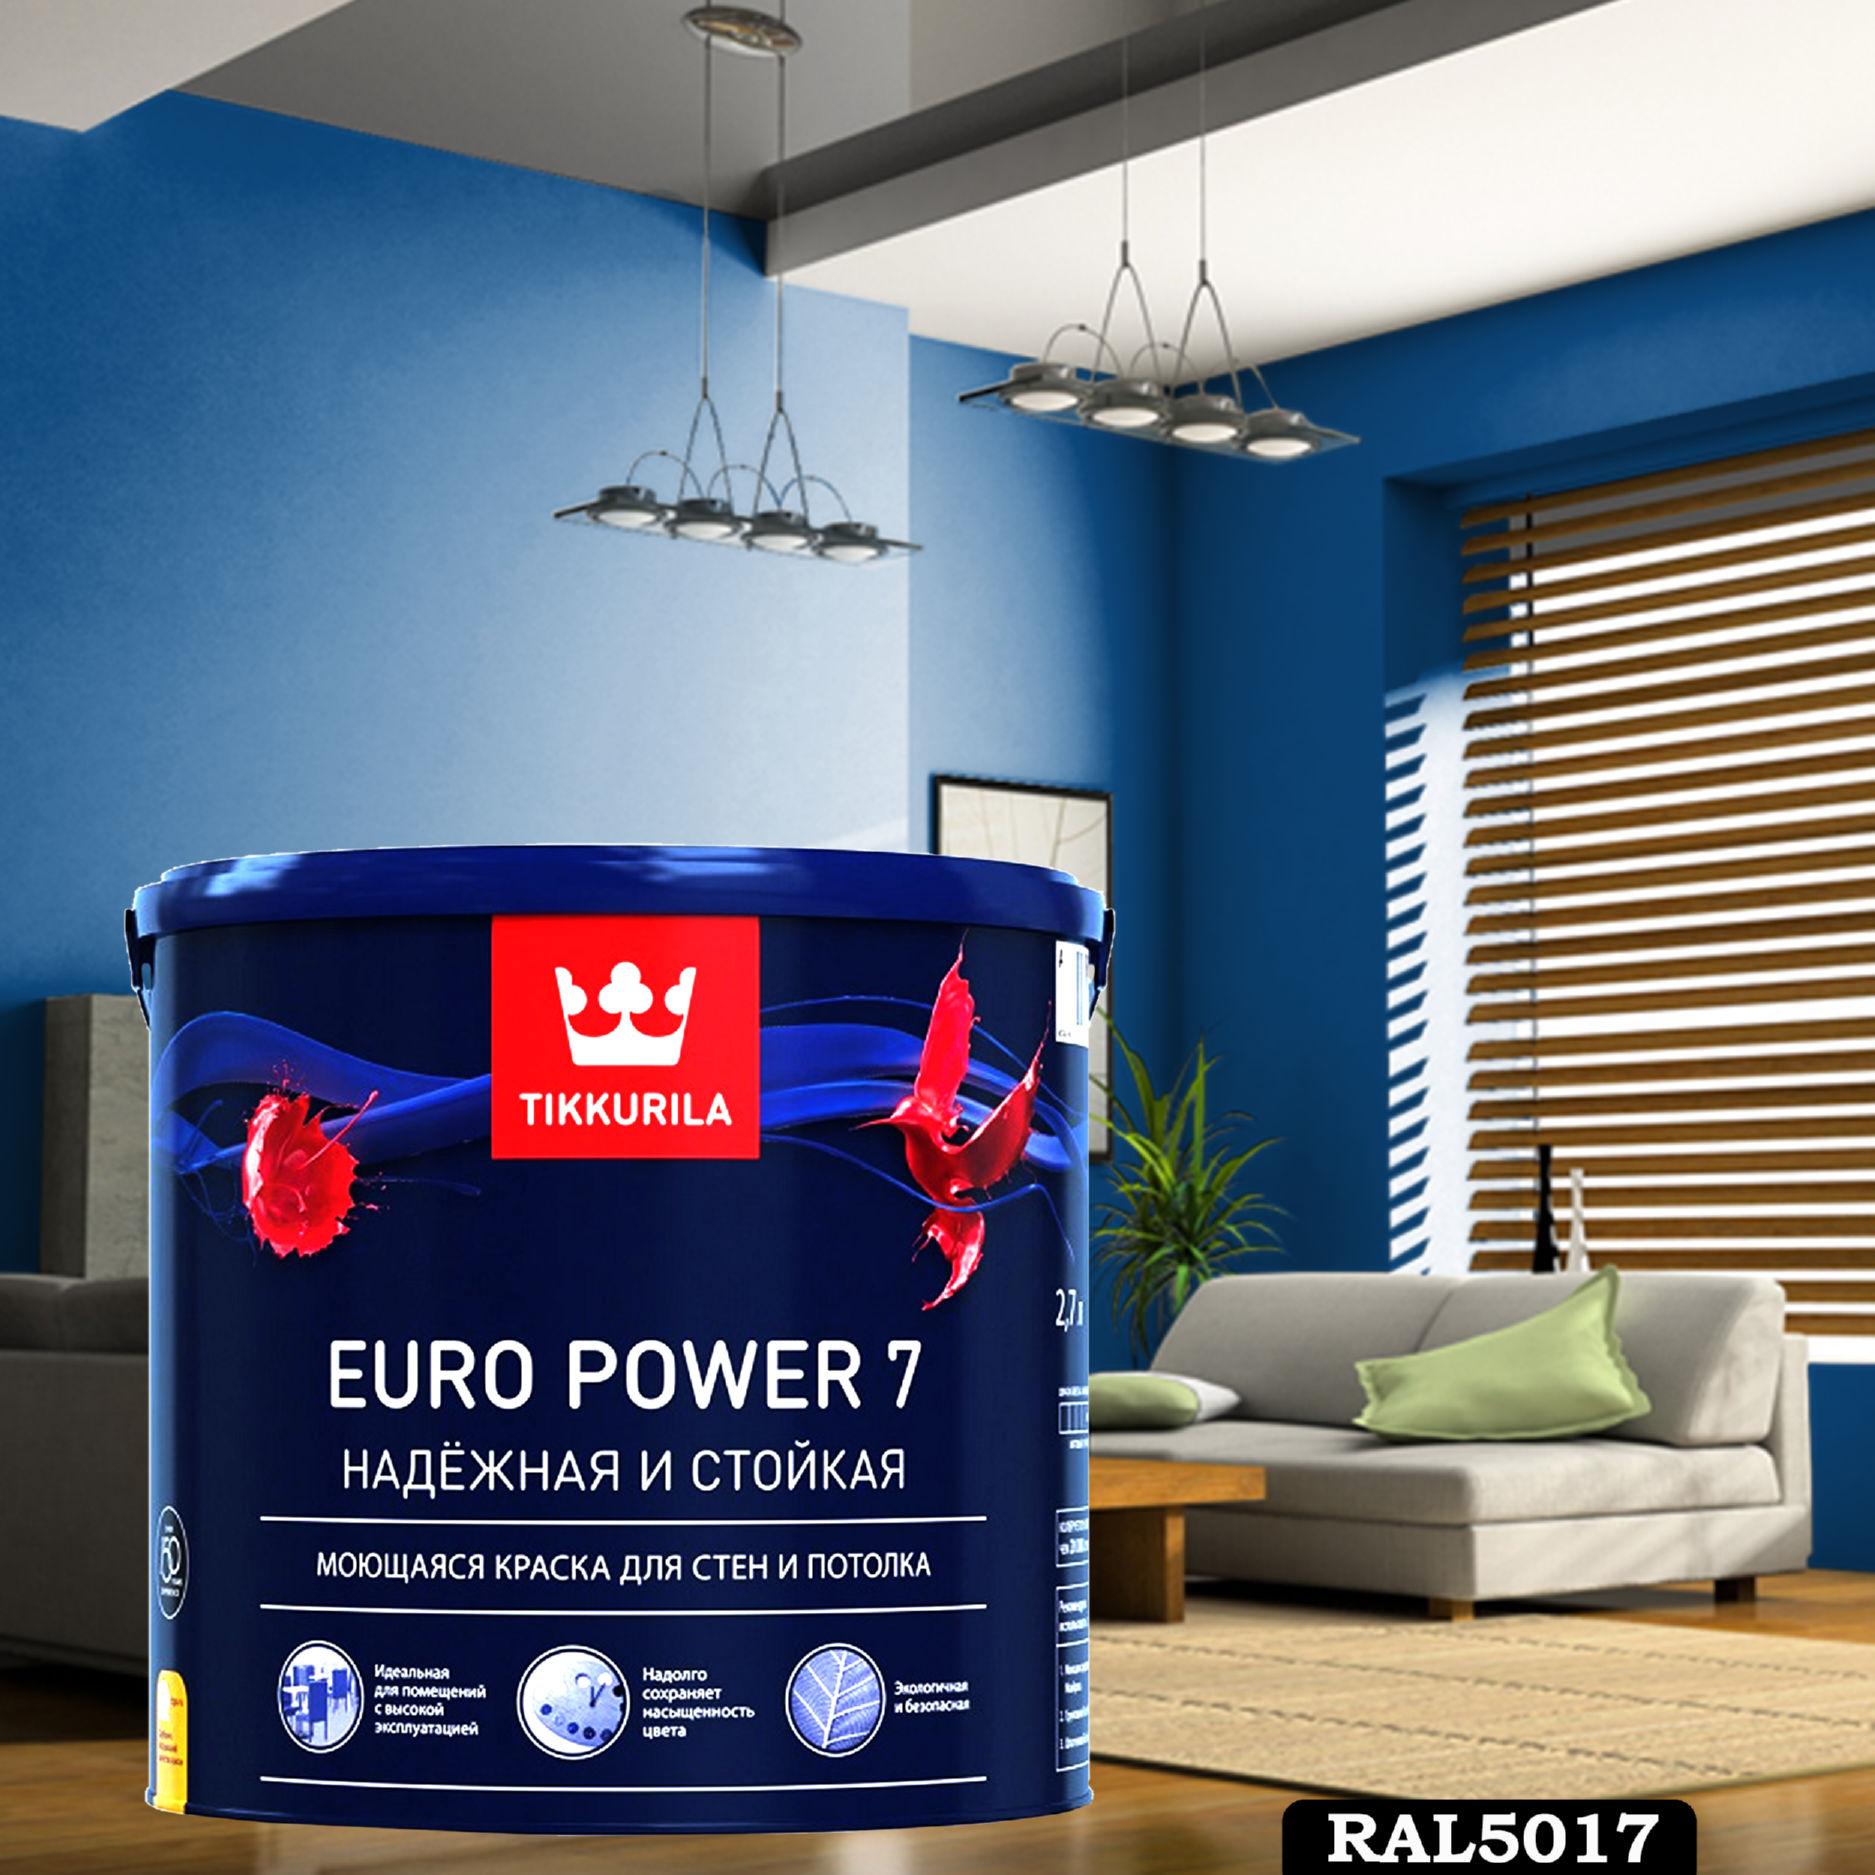 Фото 16 - Краска TIKKURILA Euro Power 7,  RAL 5017 Транспортный-синий, латексная моющаяся матовая интерьерная, 9 л.